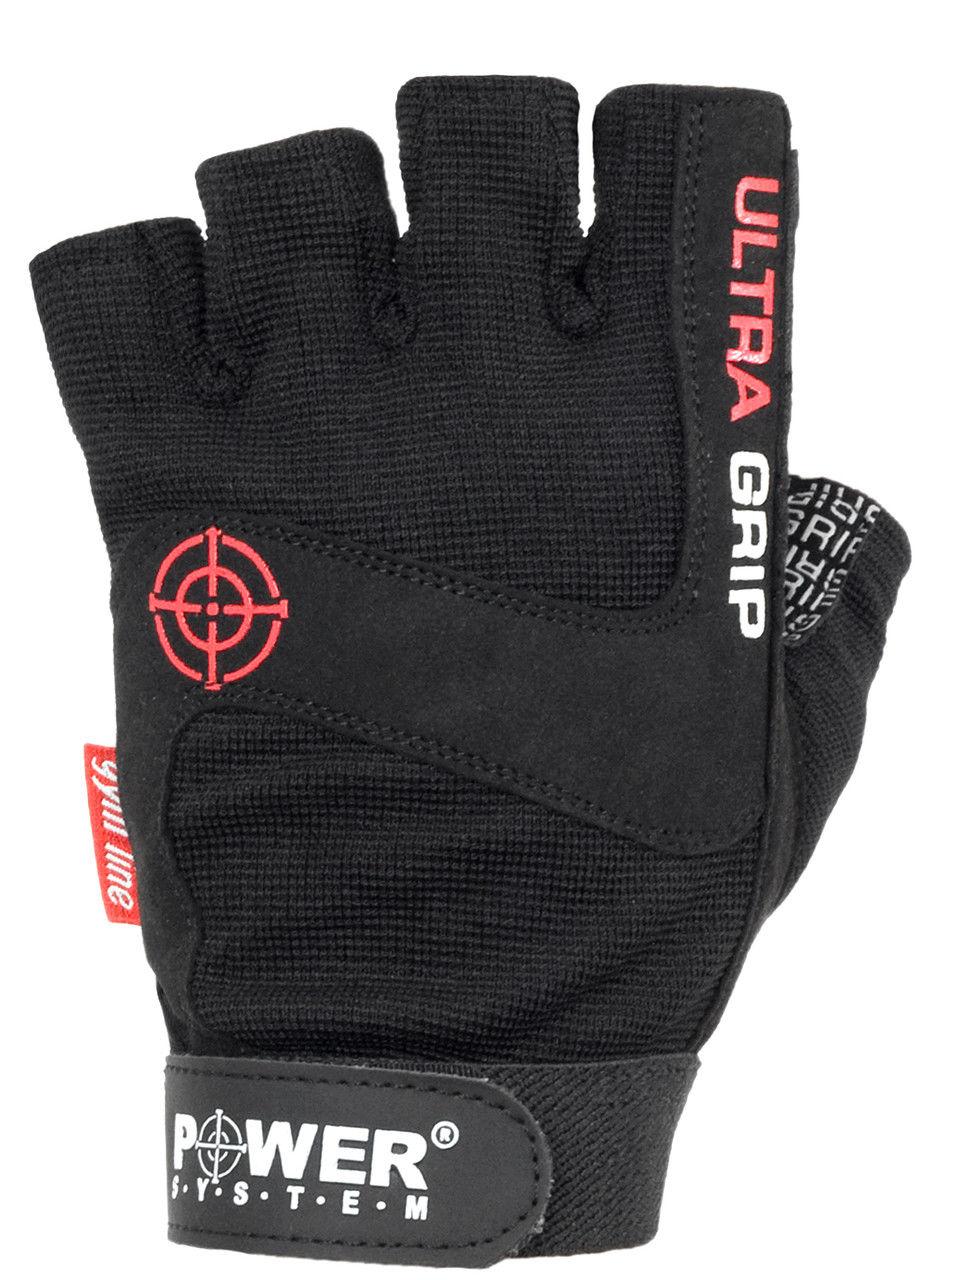 Перчатки Power System Ultra Grip PS-2400 2XL, Черный фото видео изображение